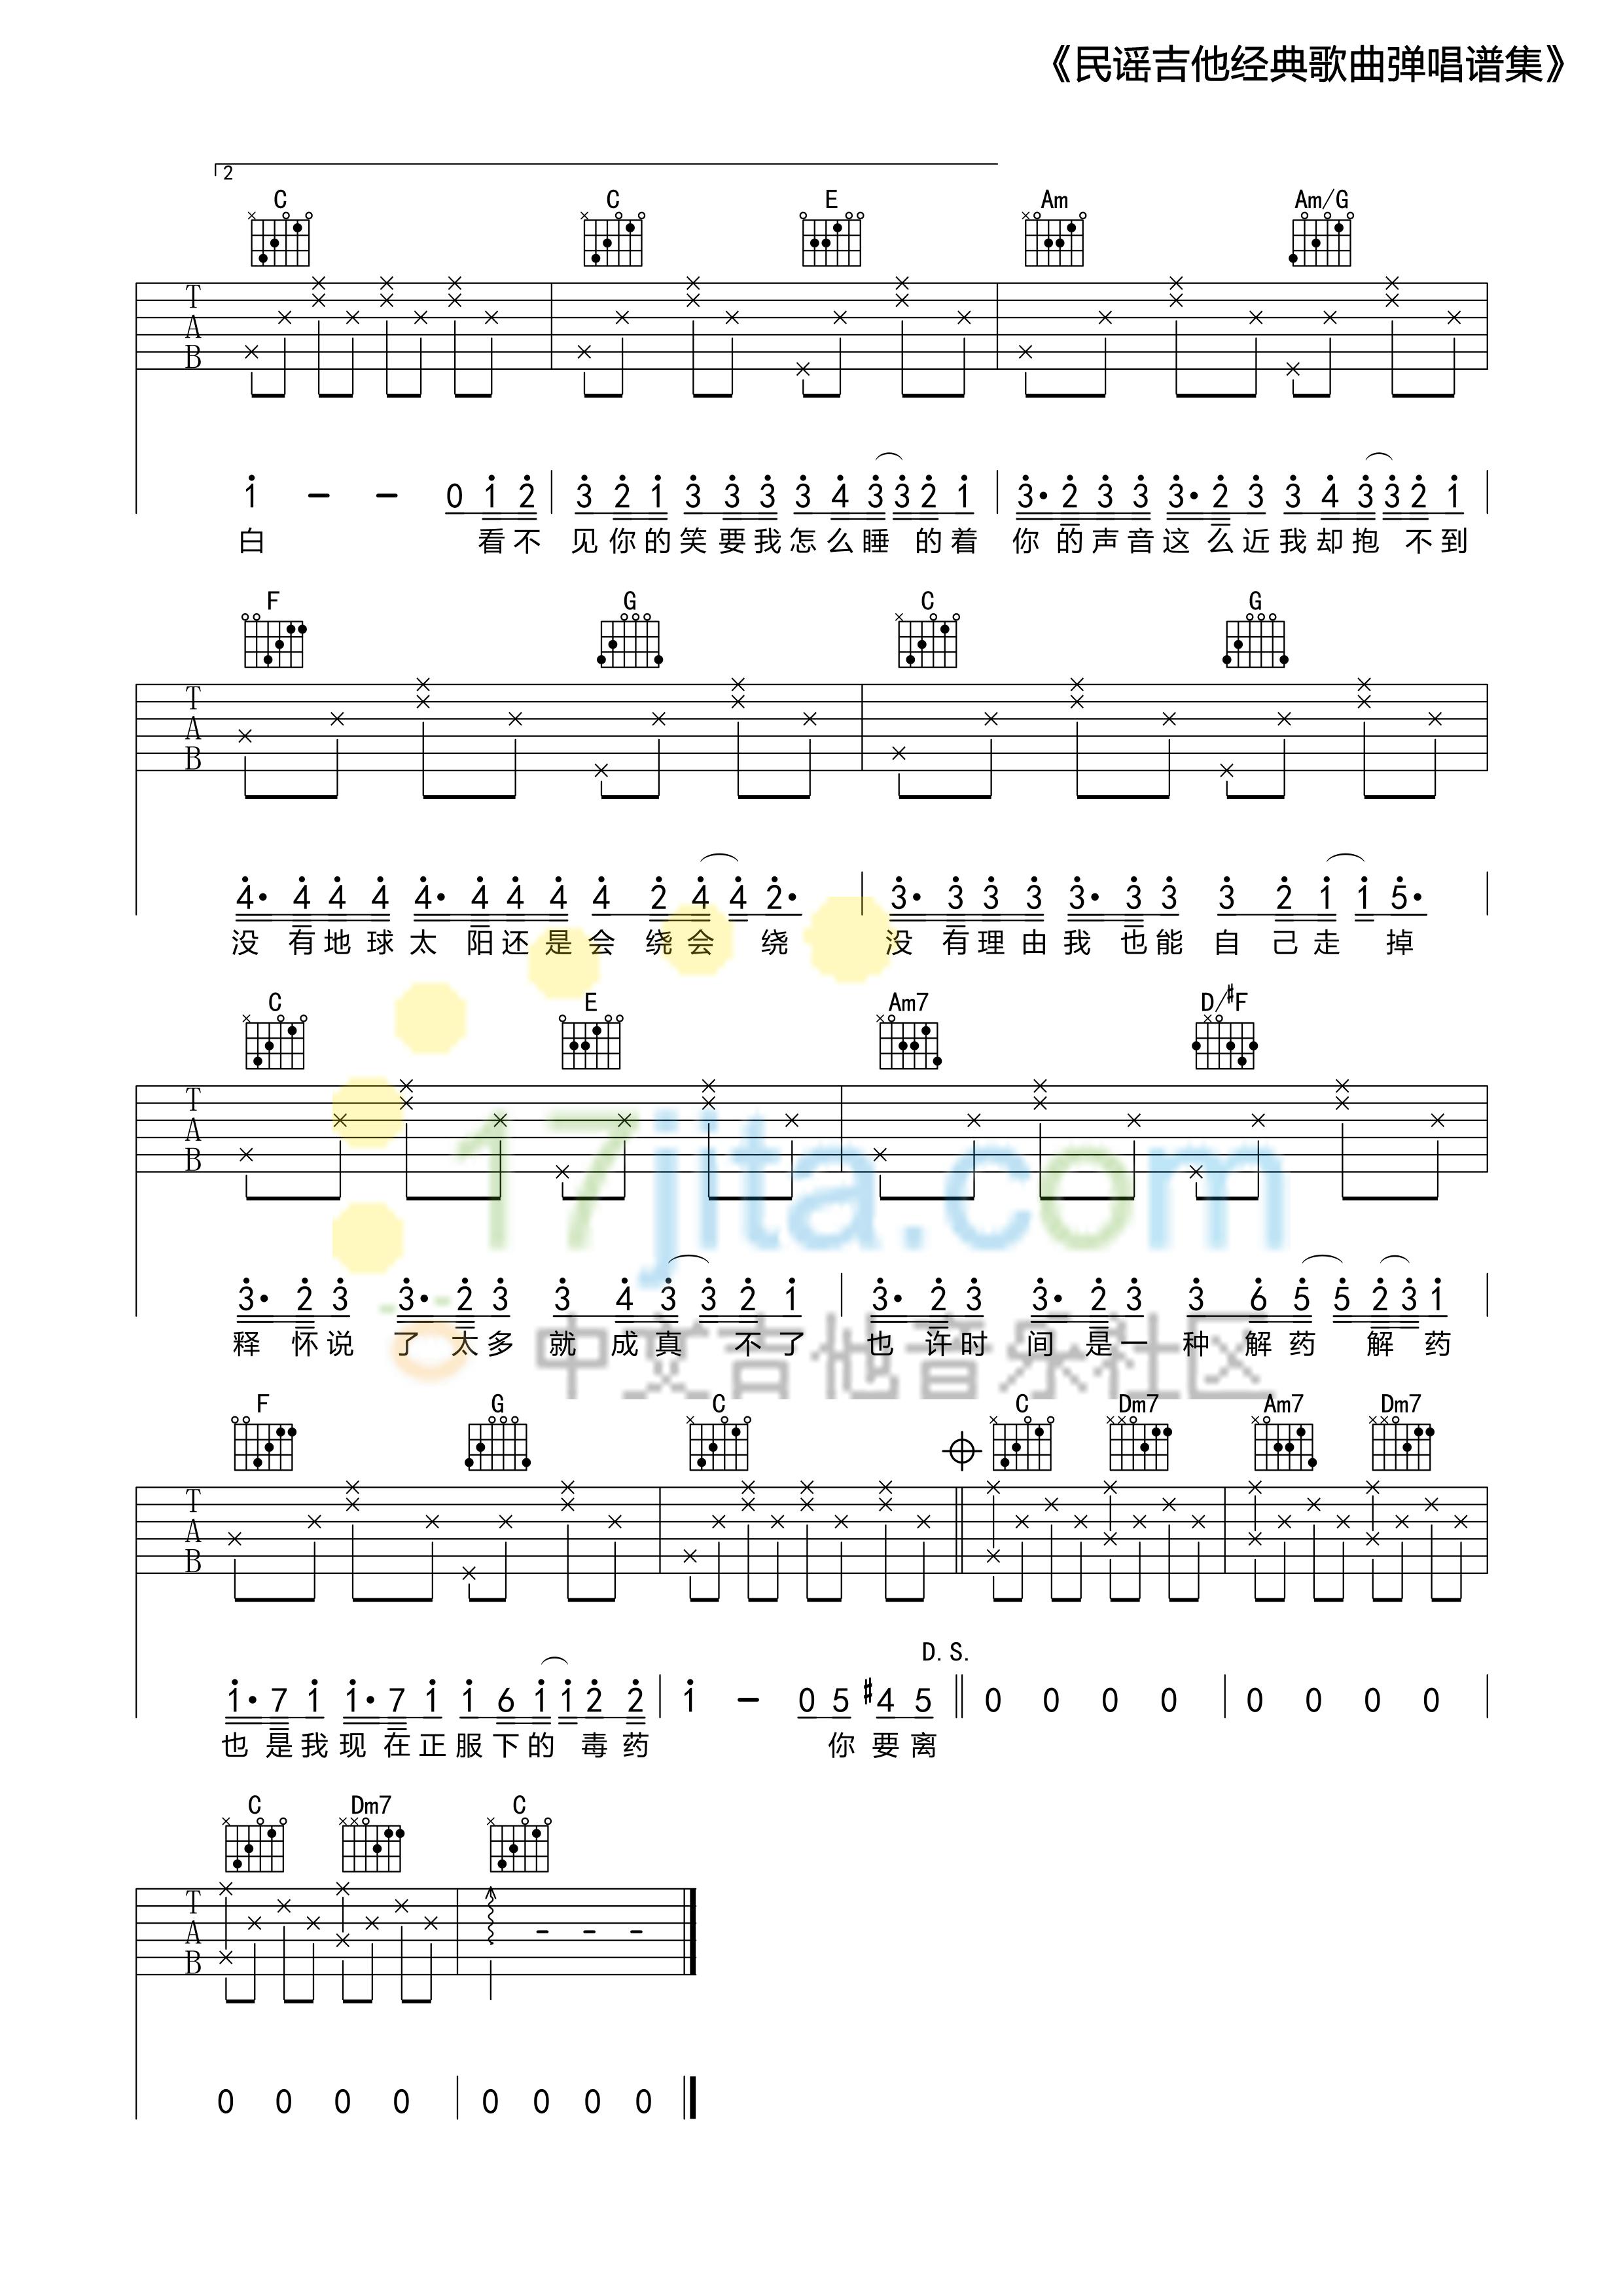 求周杰伦 彩虹的吉他谱图片